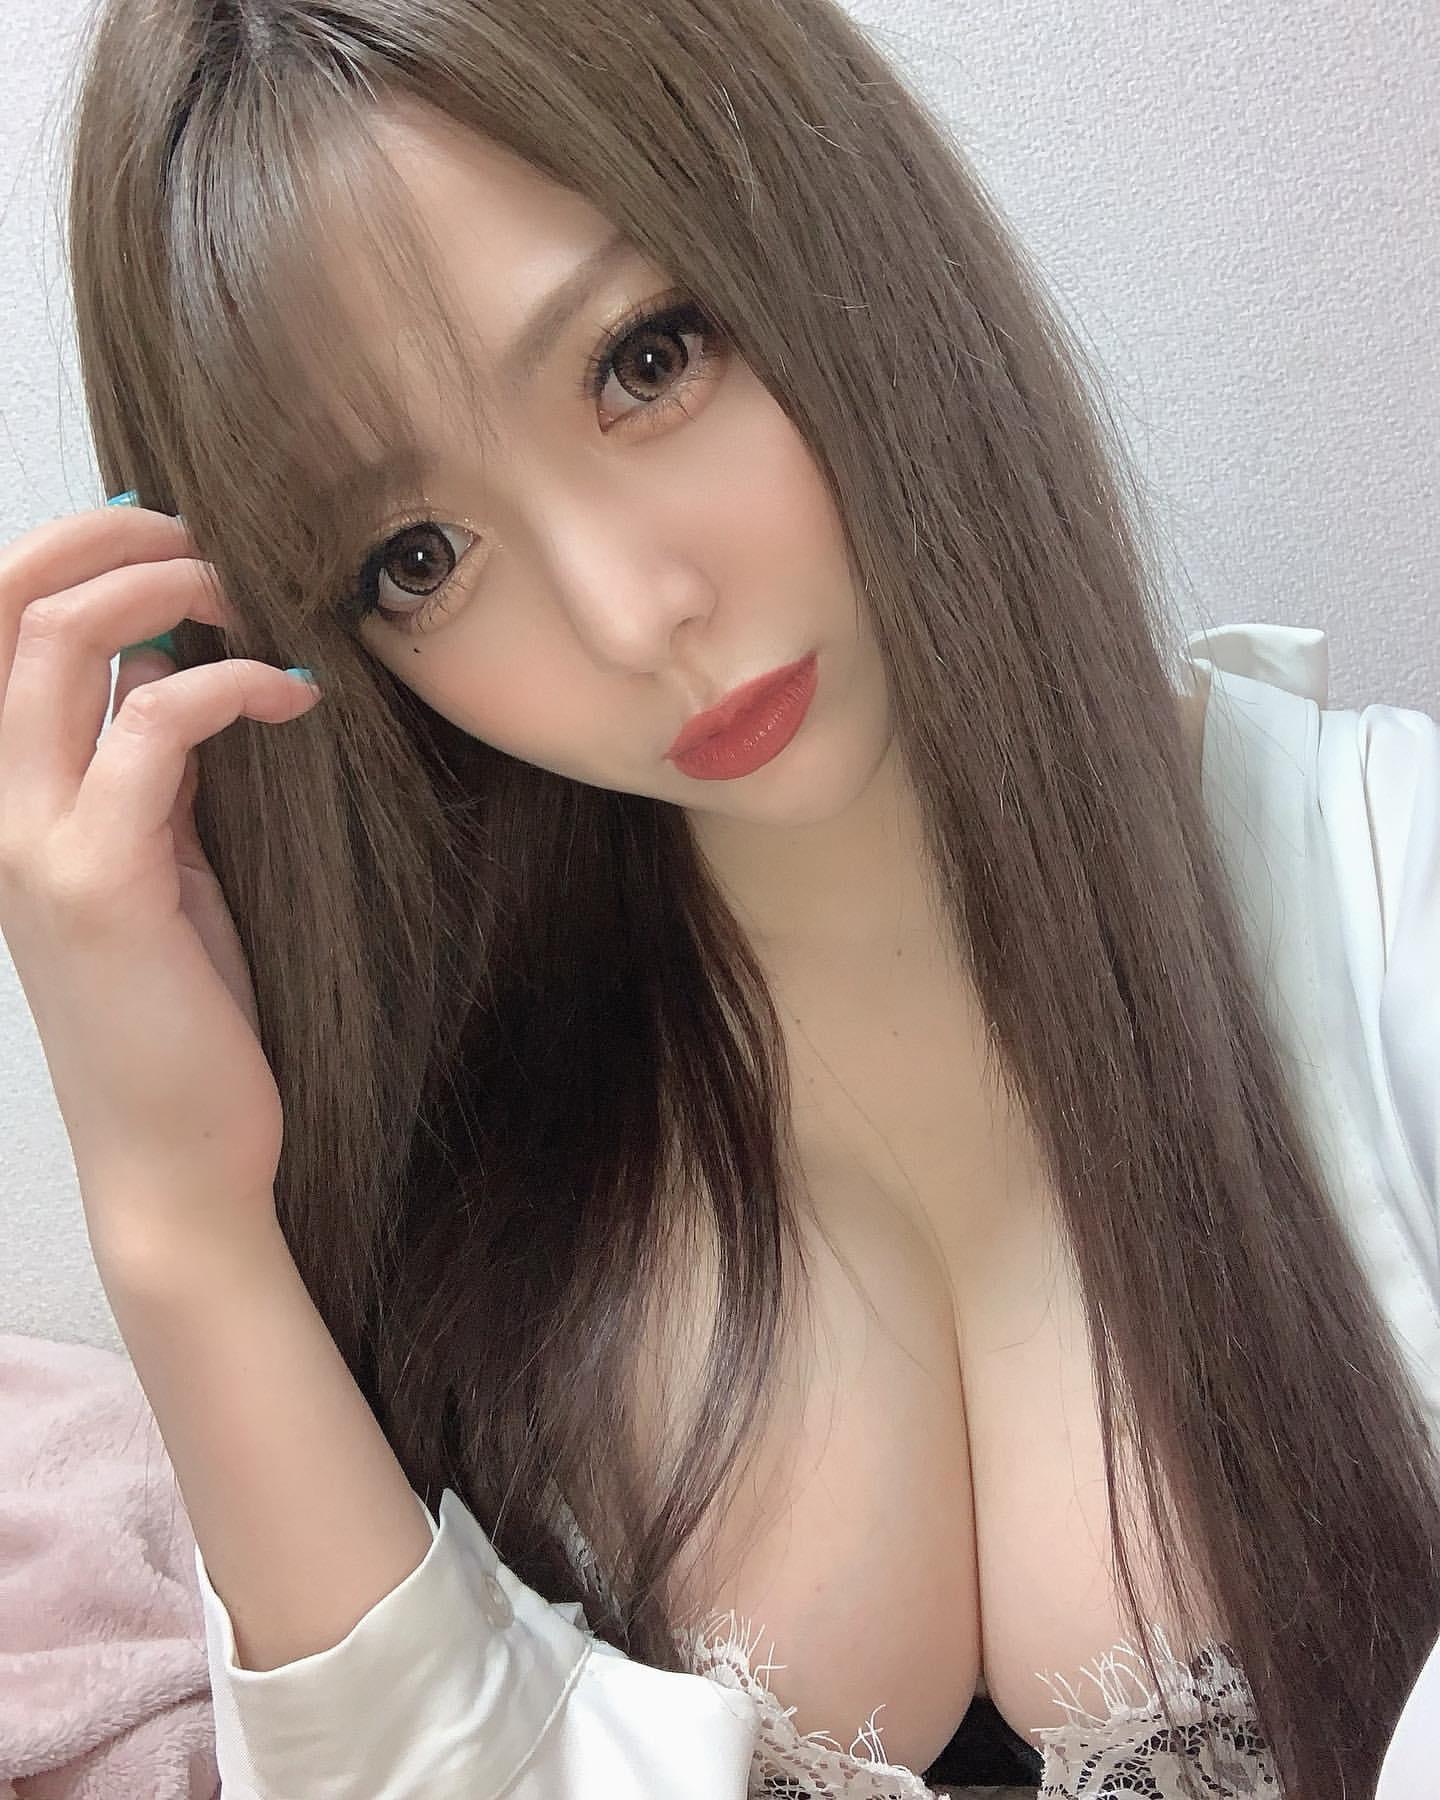 【素人画像】胸の谷間がチラ見えする部屋着の女の子がエロ可愛すぎる